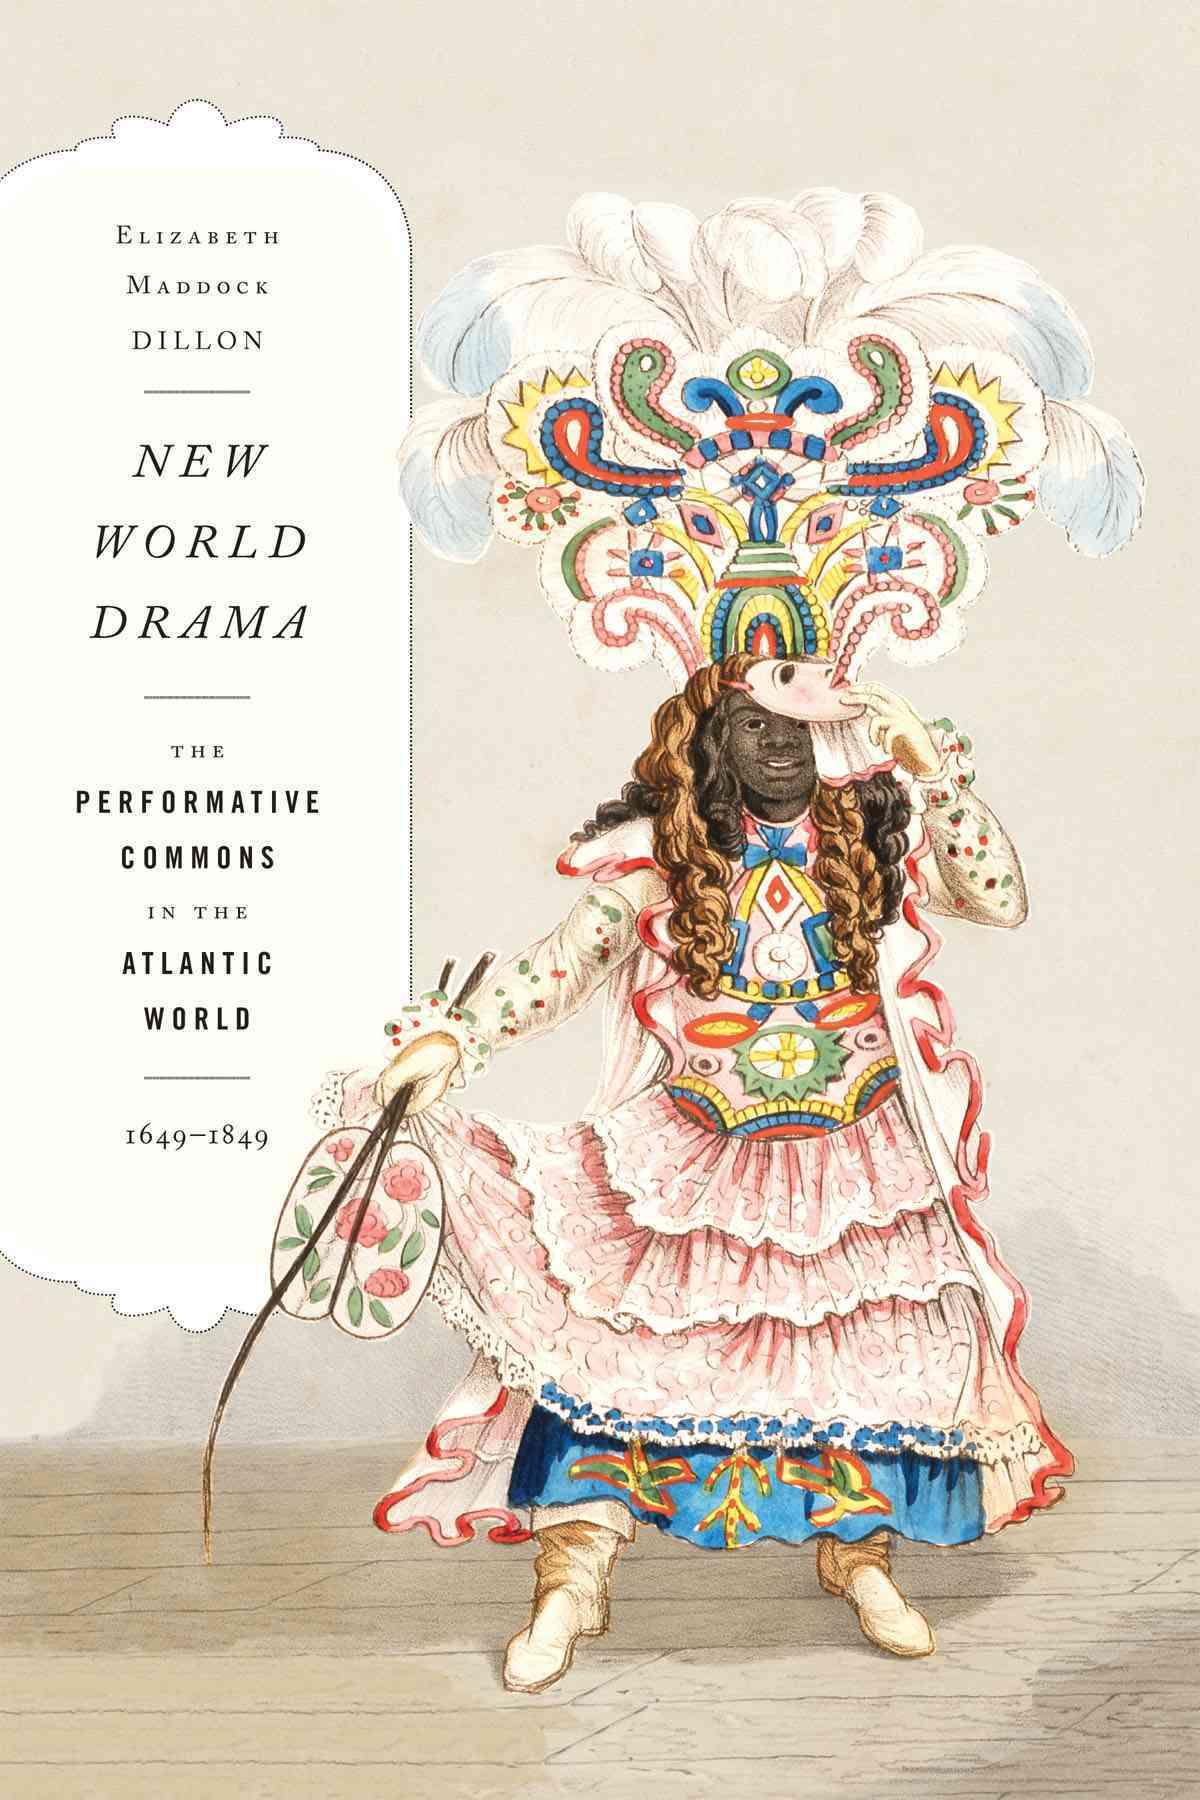 New World Drama By Dillon, Elizabeth Maddock